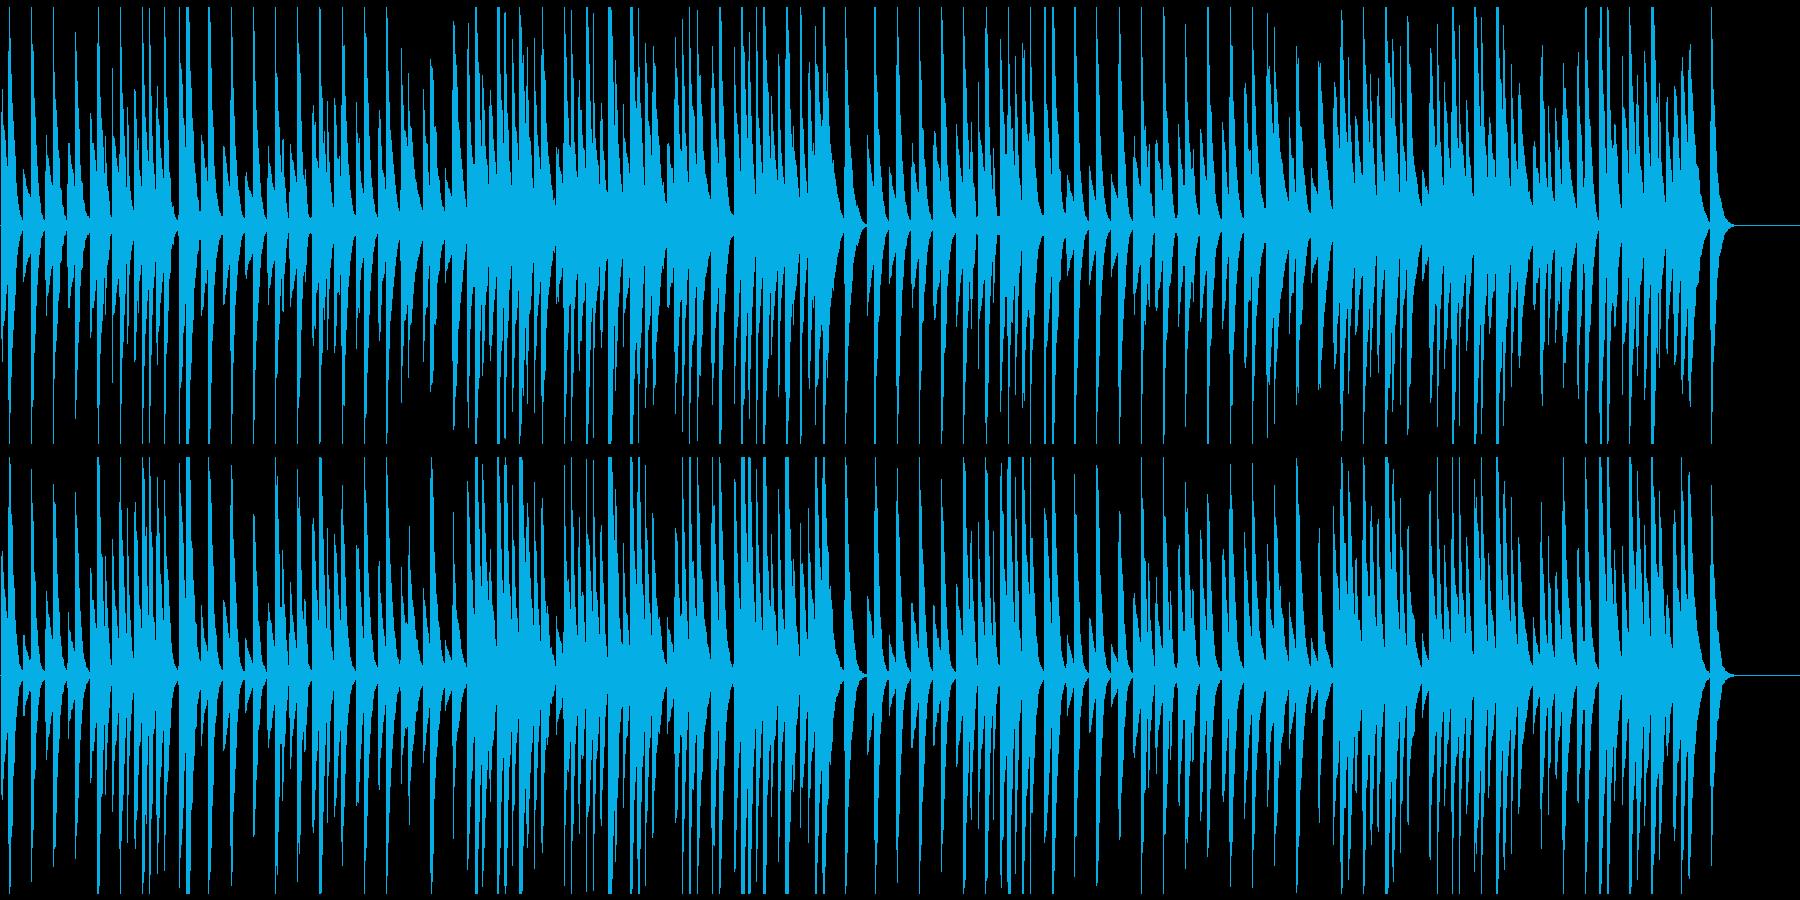 ★サティ★ジムノペディ第1番★ピアノ★Aの再生済みの波形